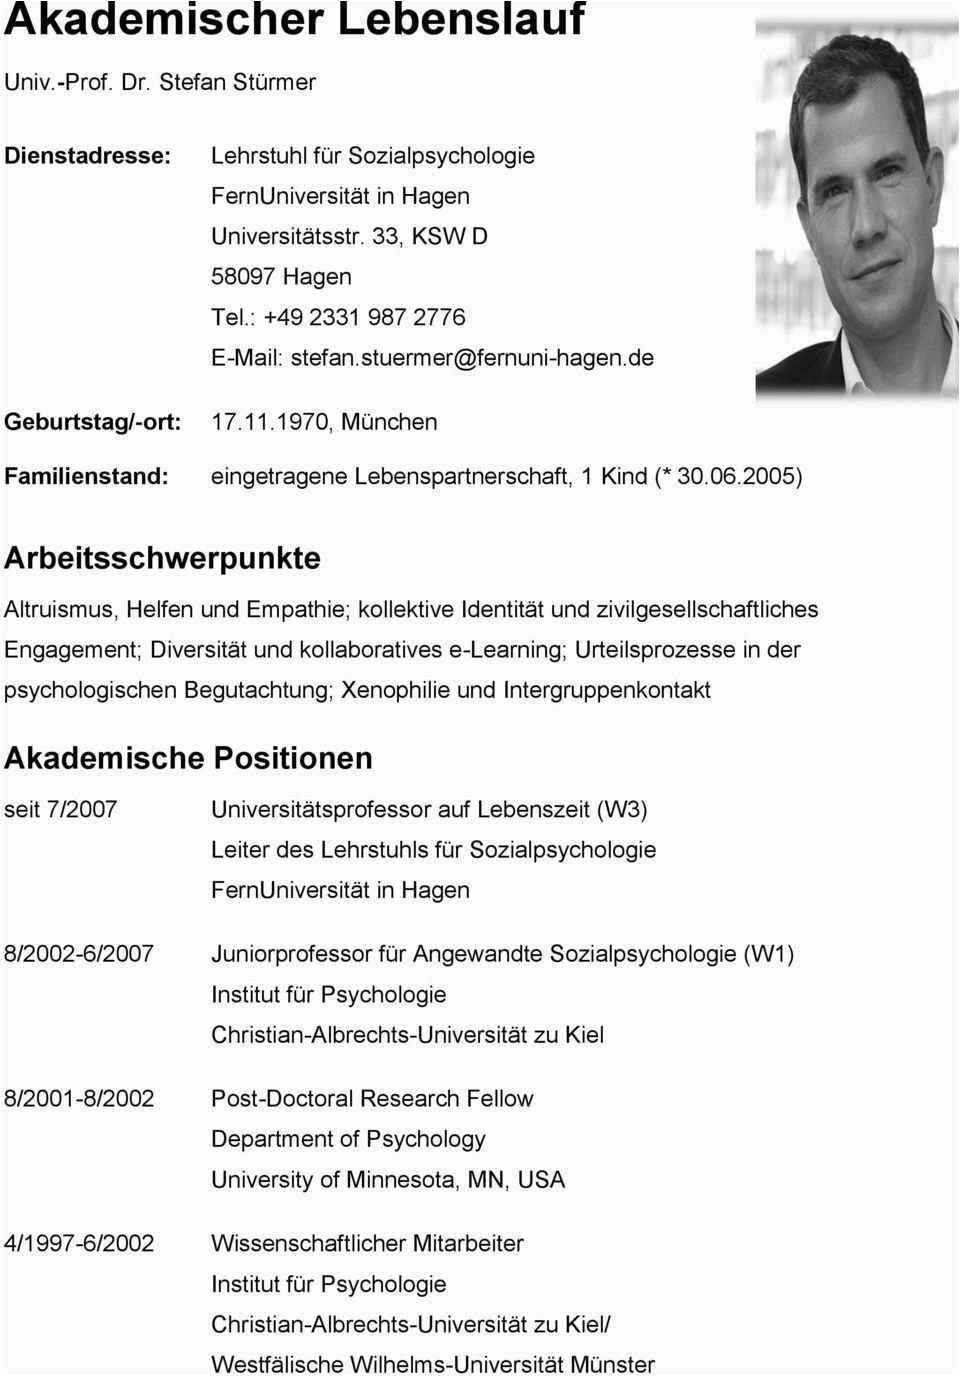 Akademischer Lebenslauf Deutsch Lebenslauf Universitat Munster Leben